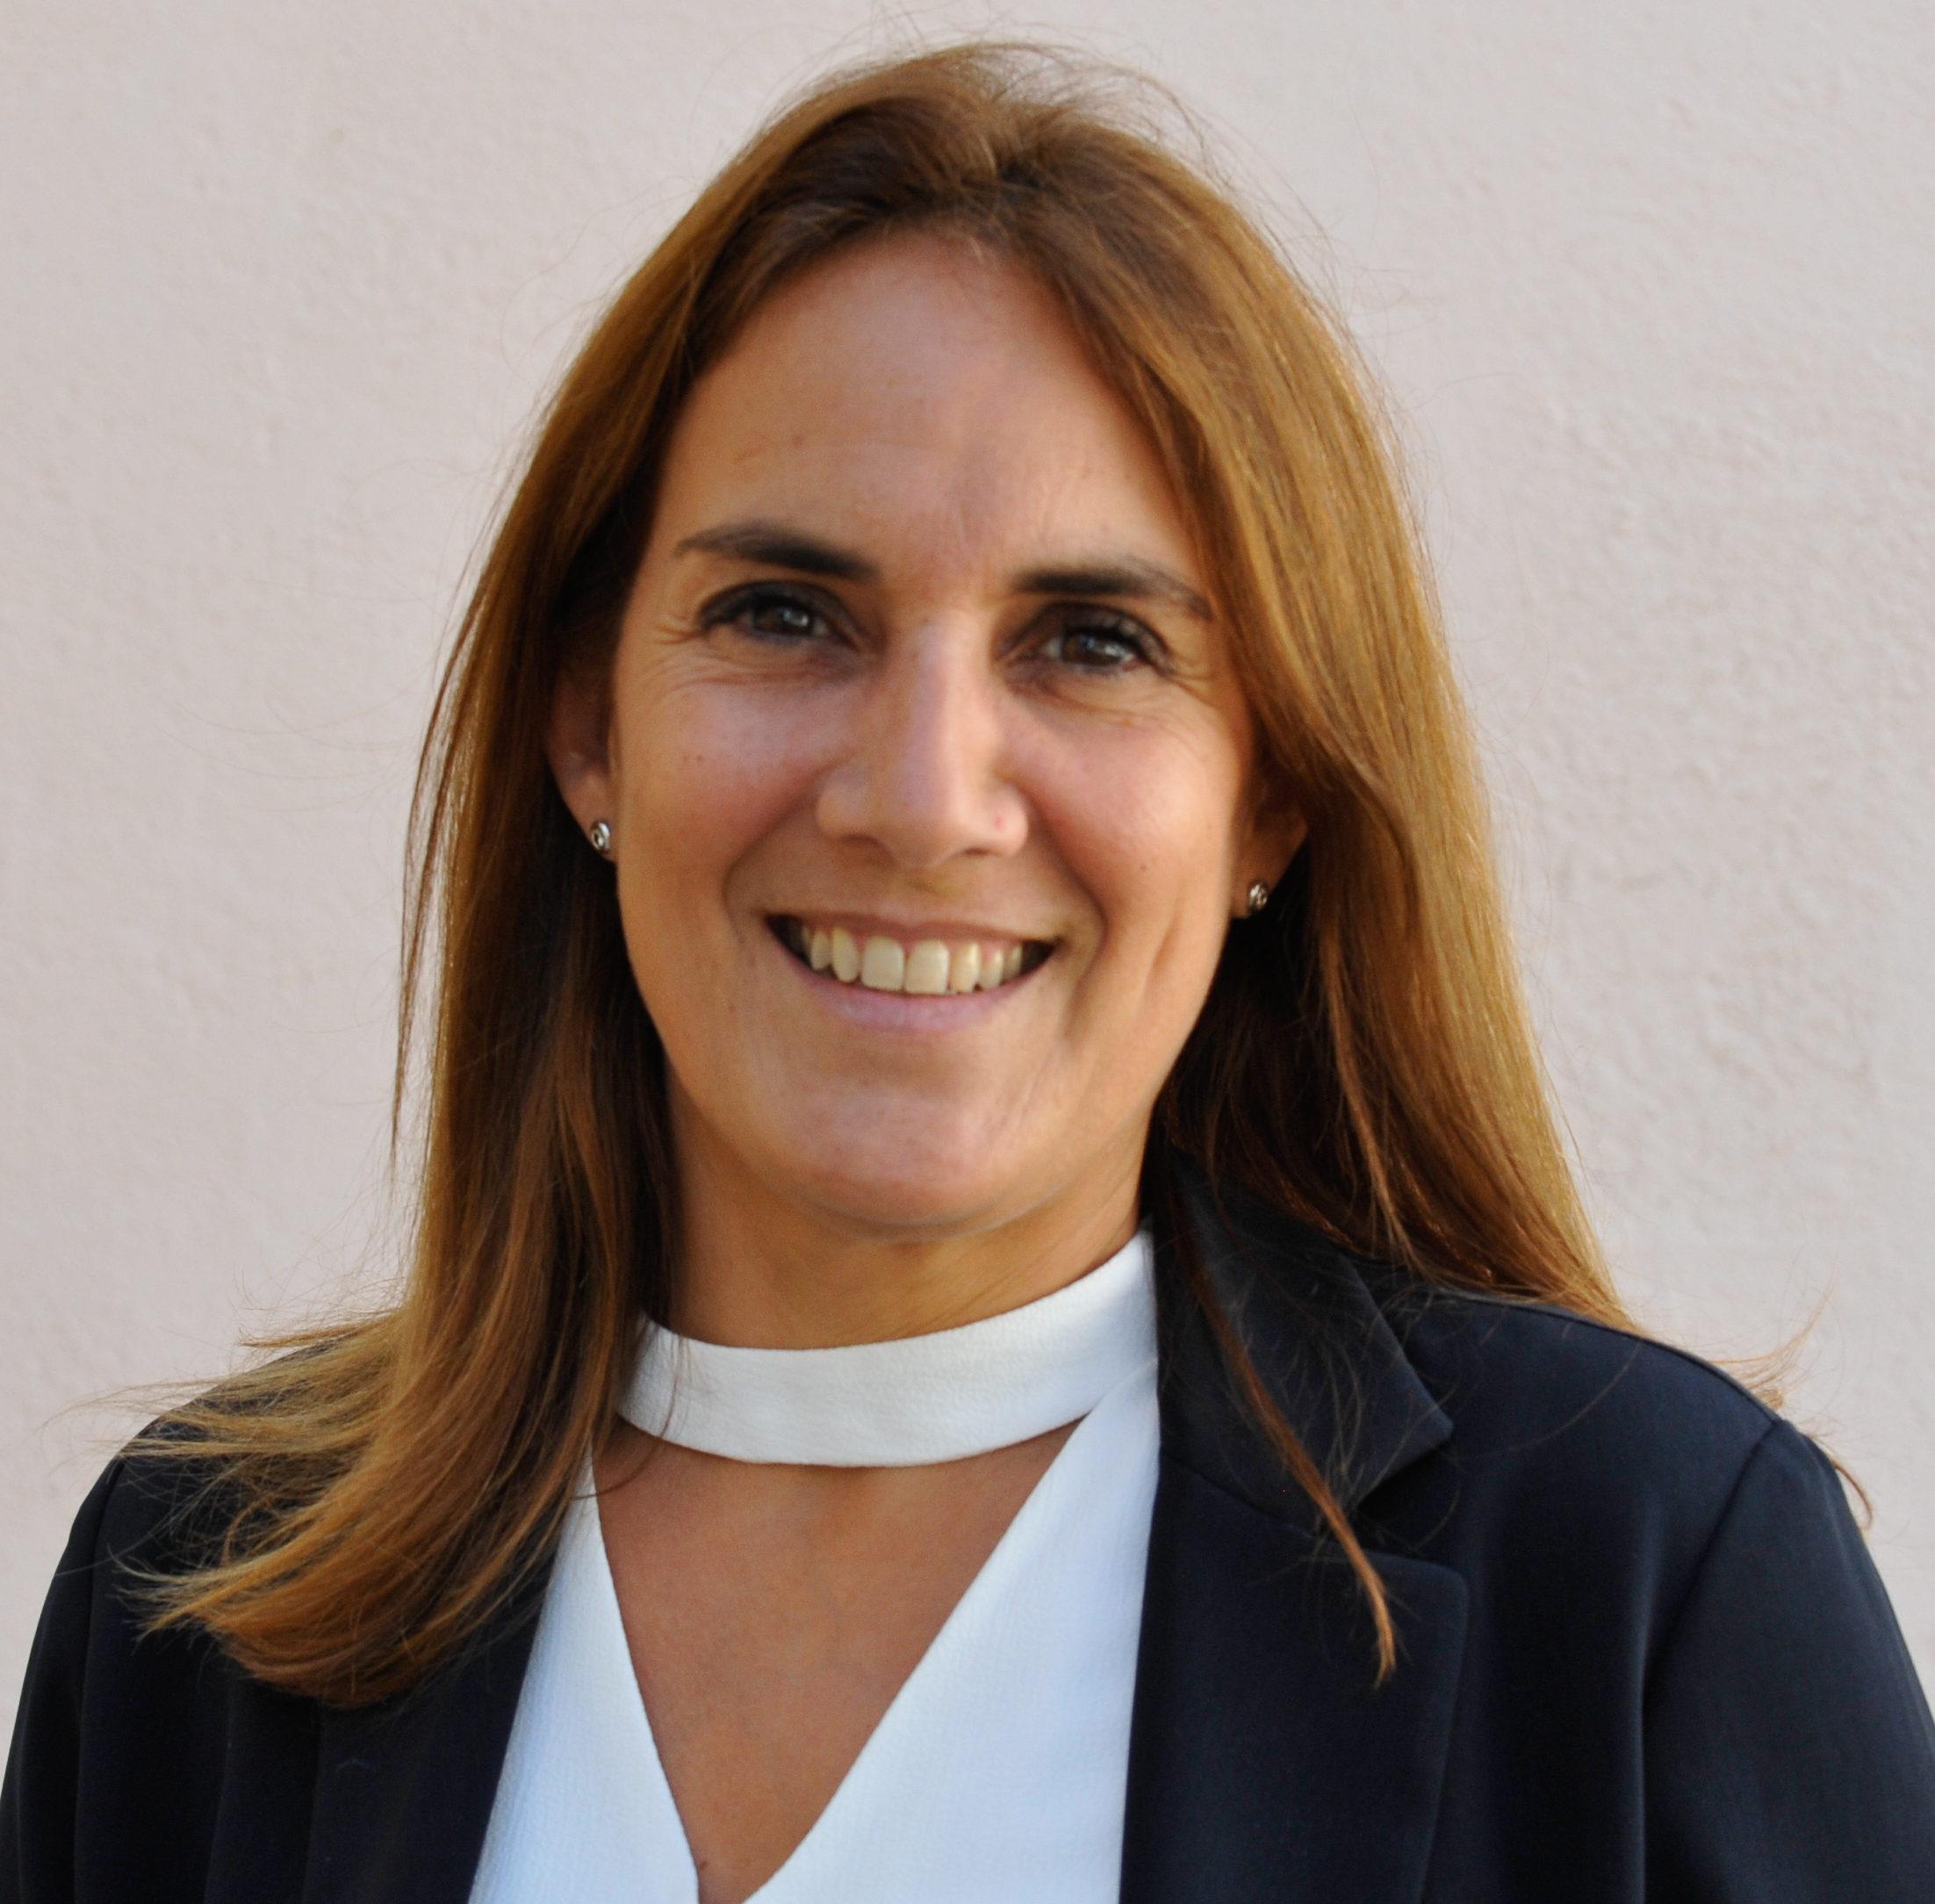 Vanessa Zeitoun